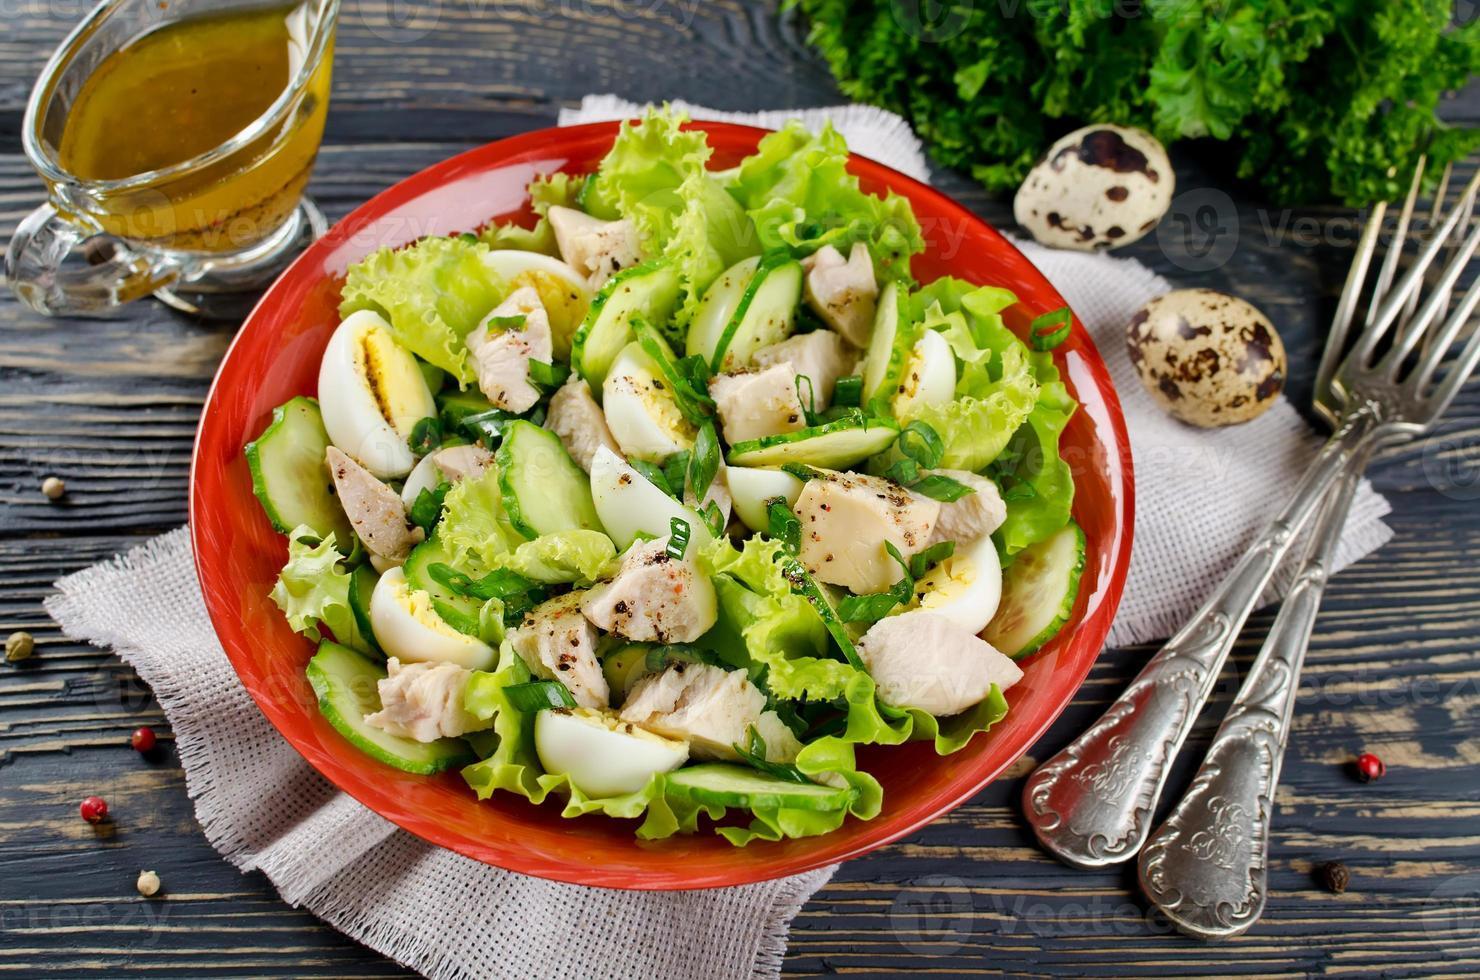 insalata di verdure con fegato di merluzzo foto